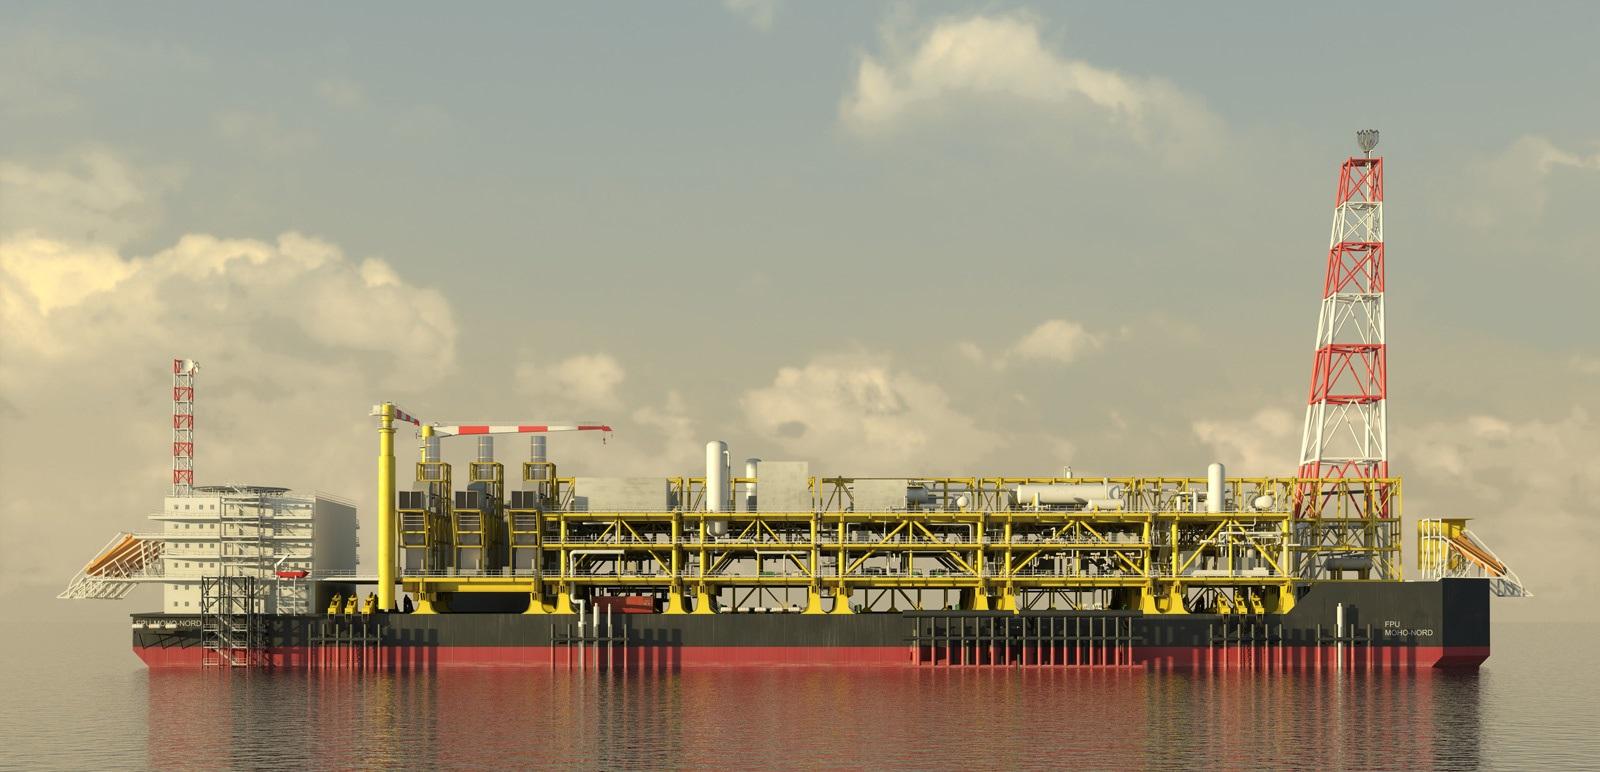 HMI Scada Control Offshore